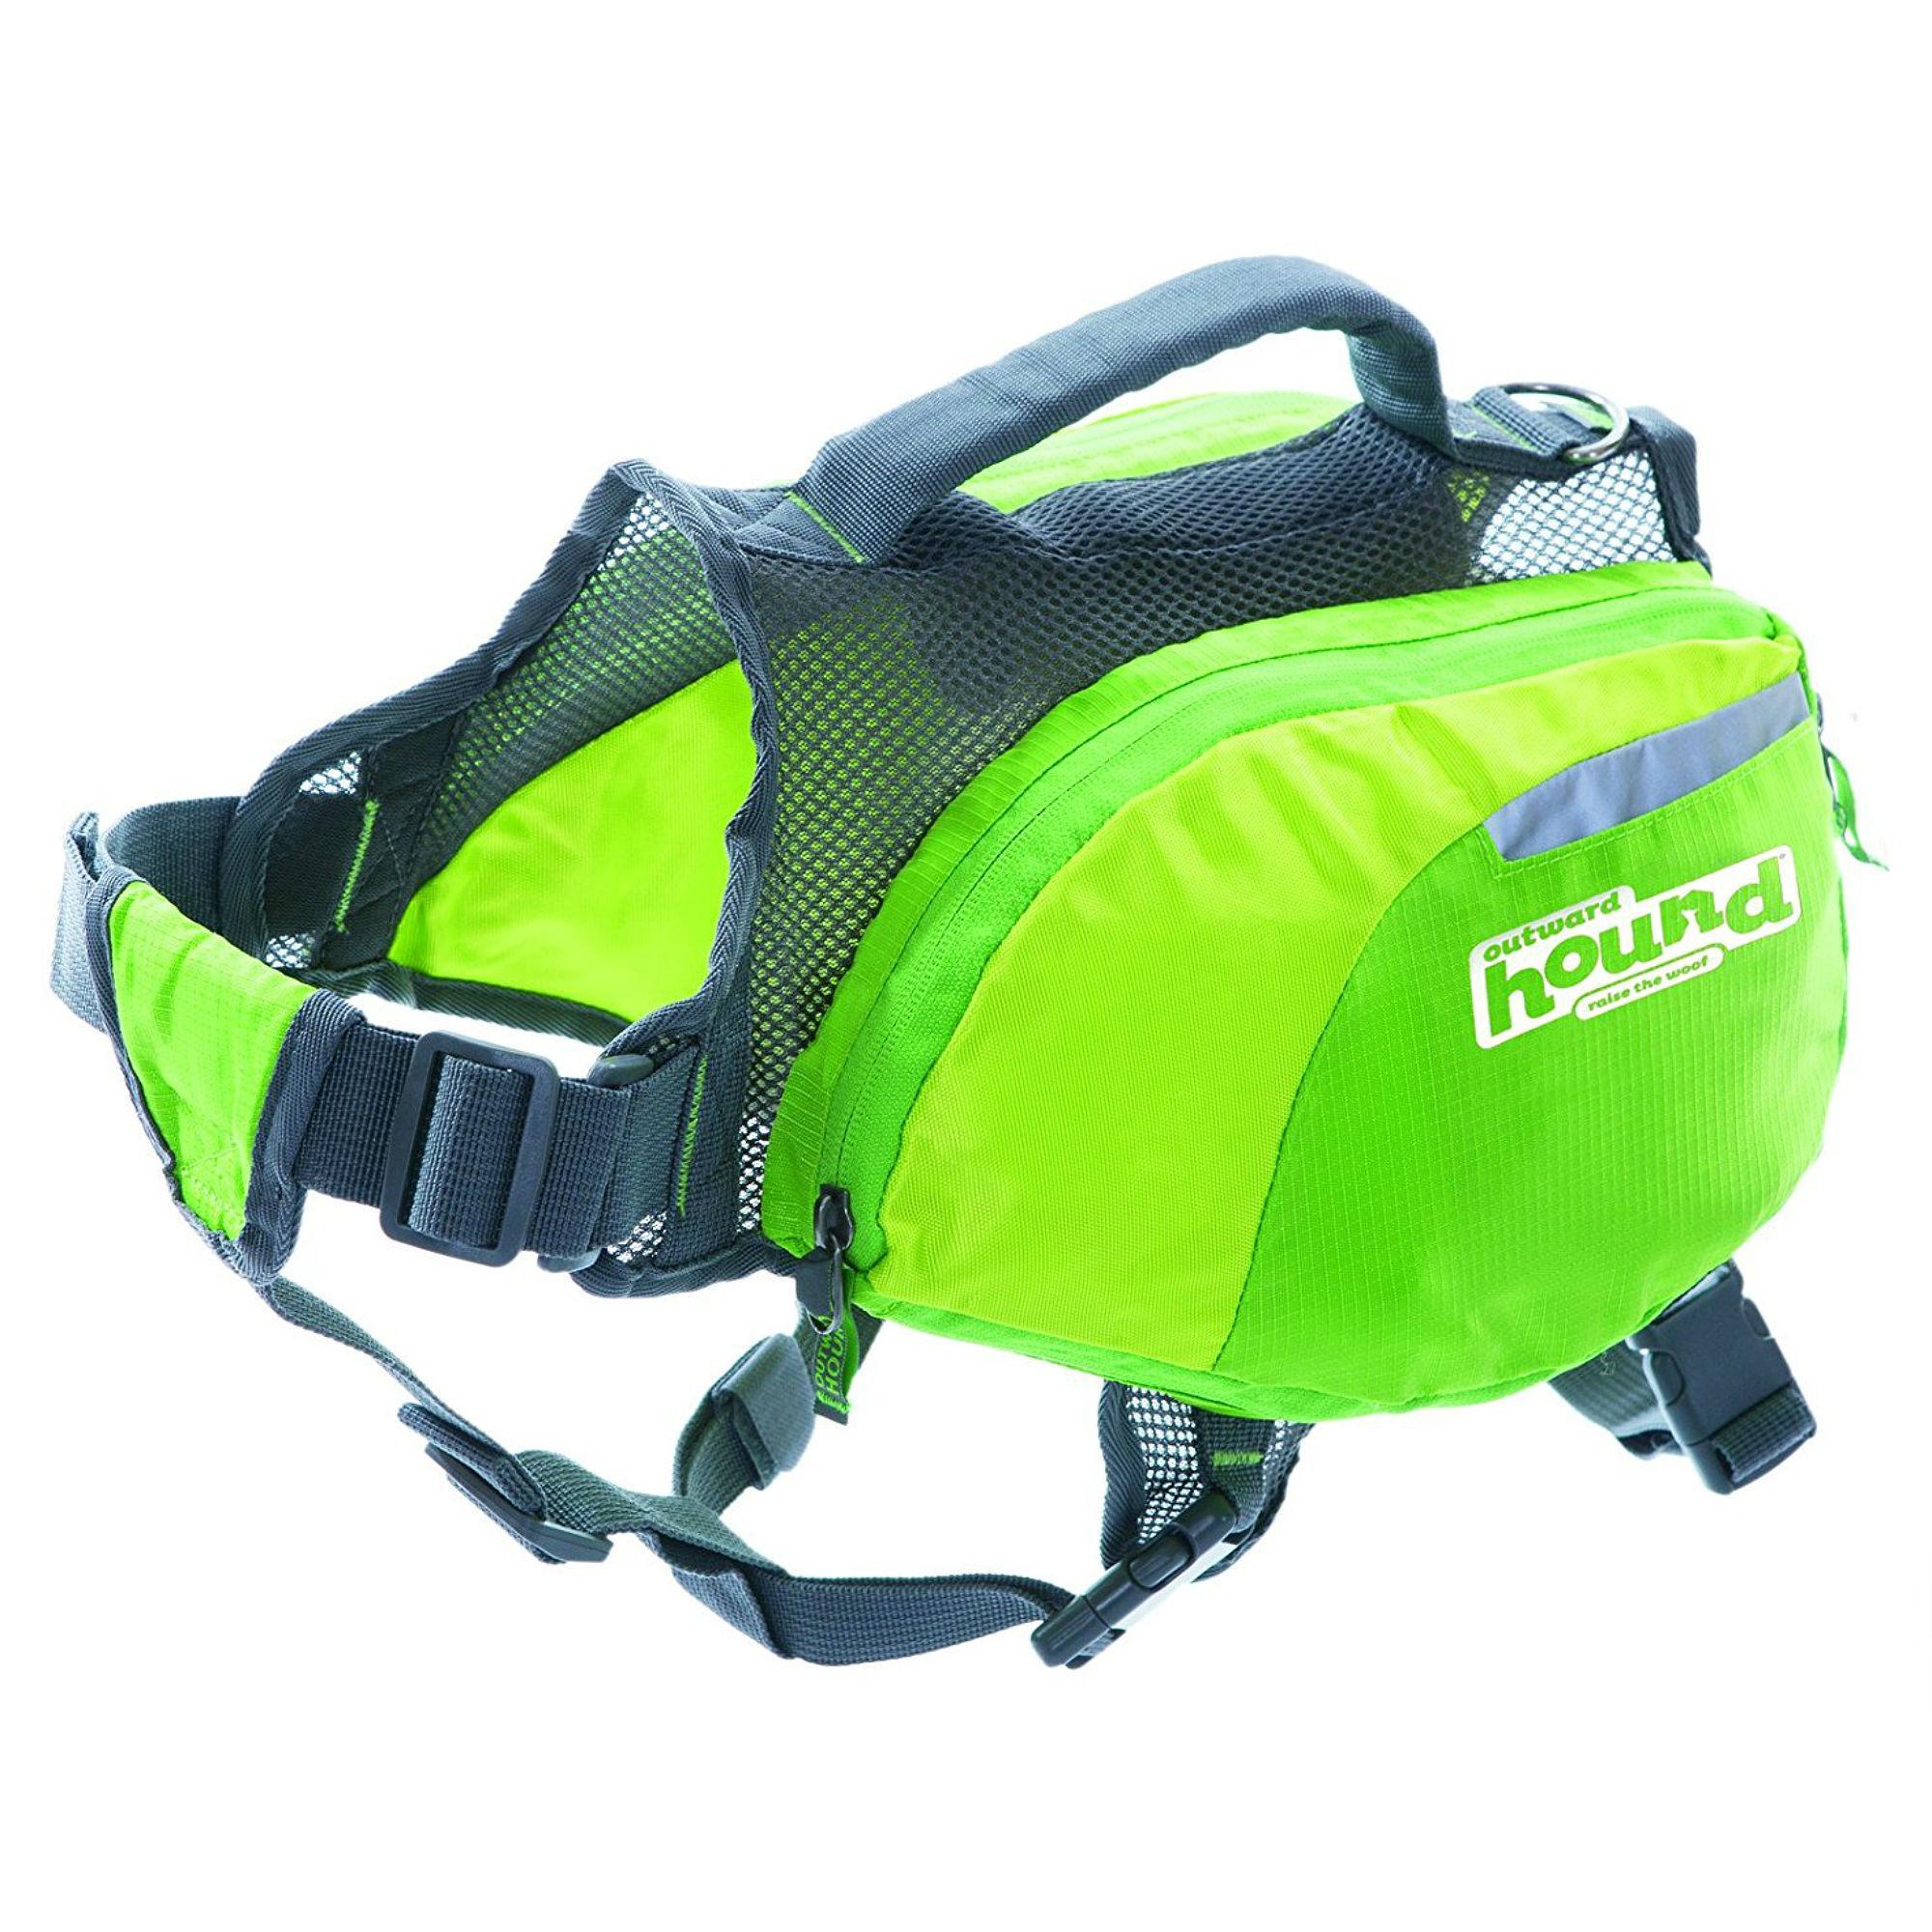 Outward Hound Daypak Dog Pack - Green